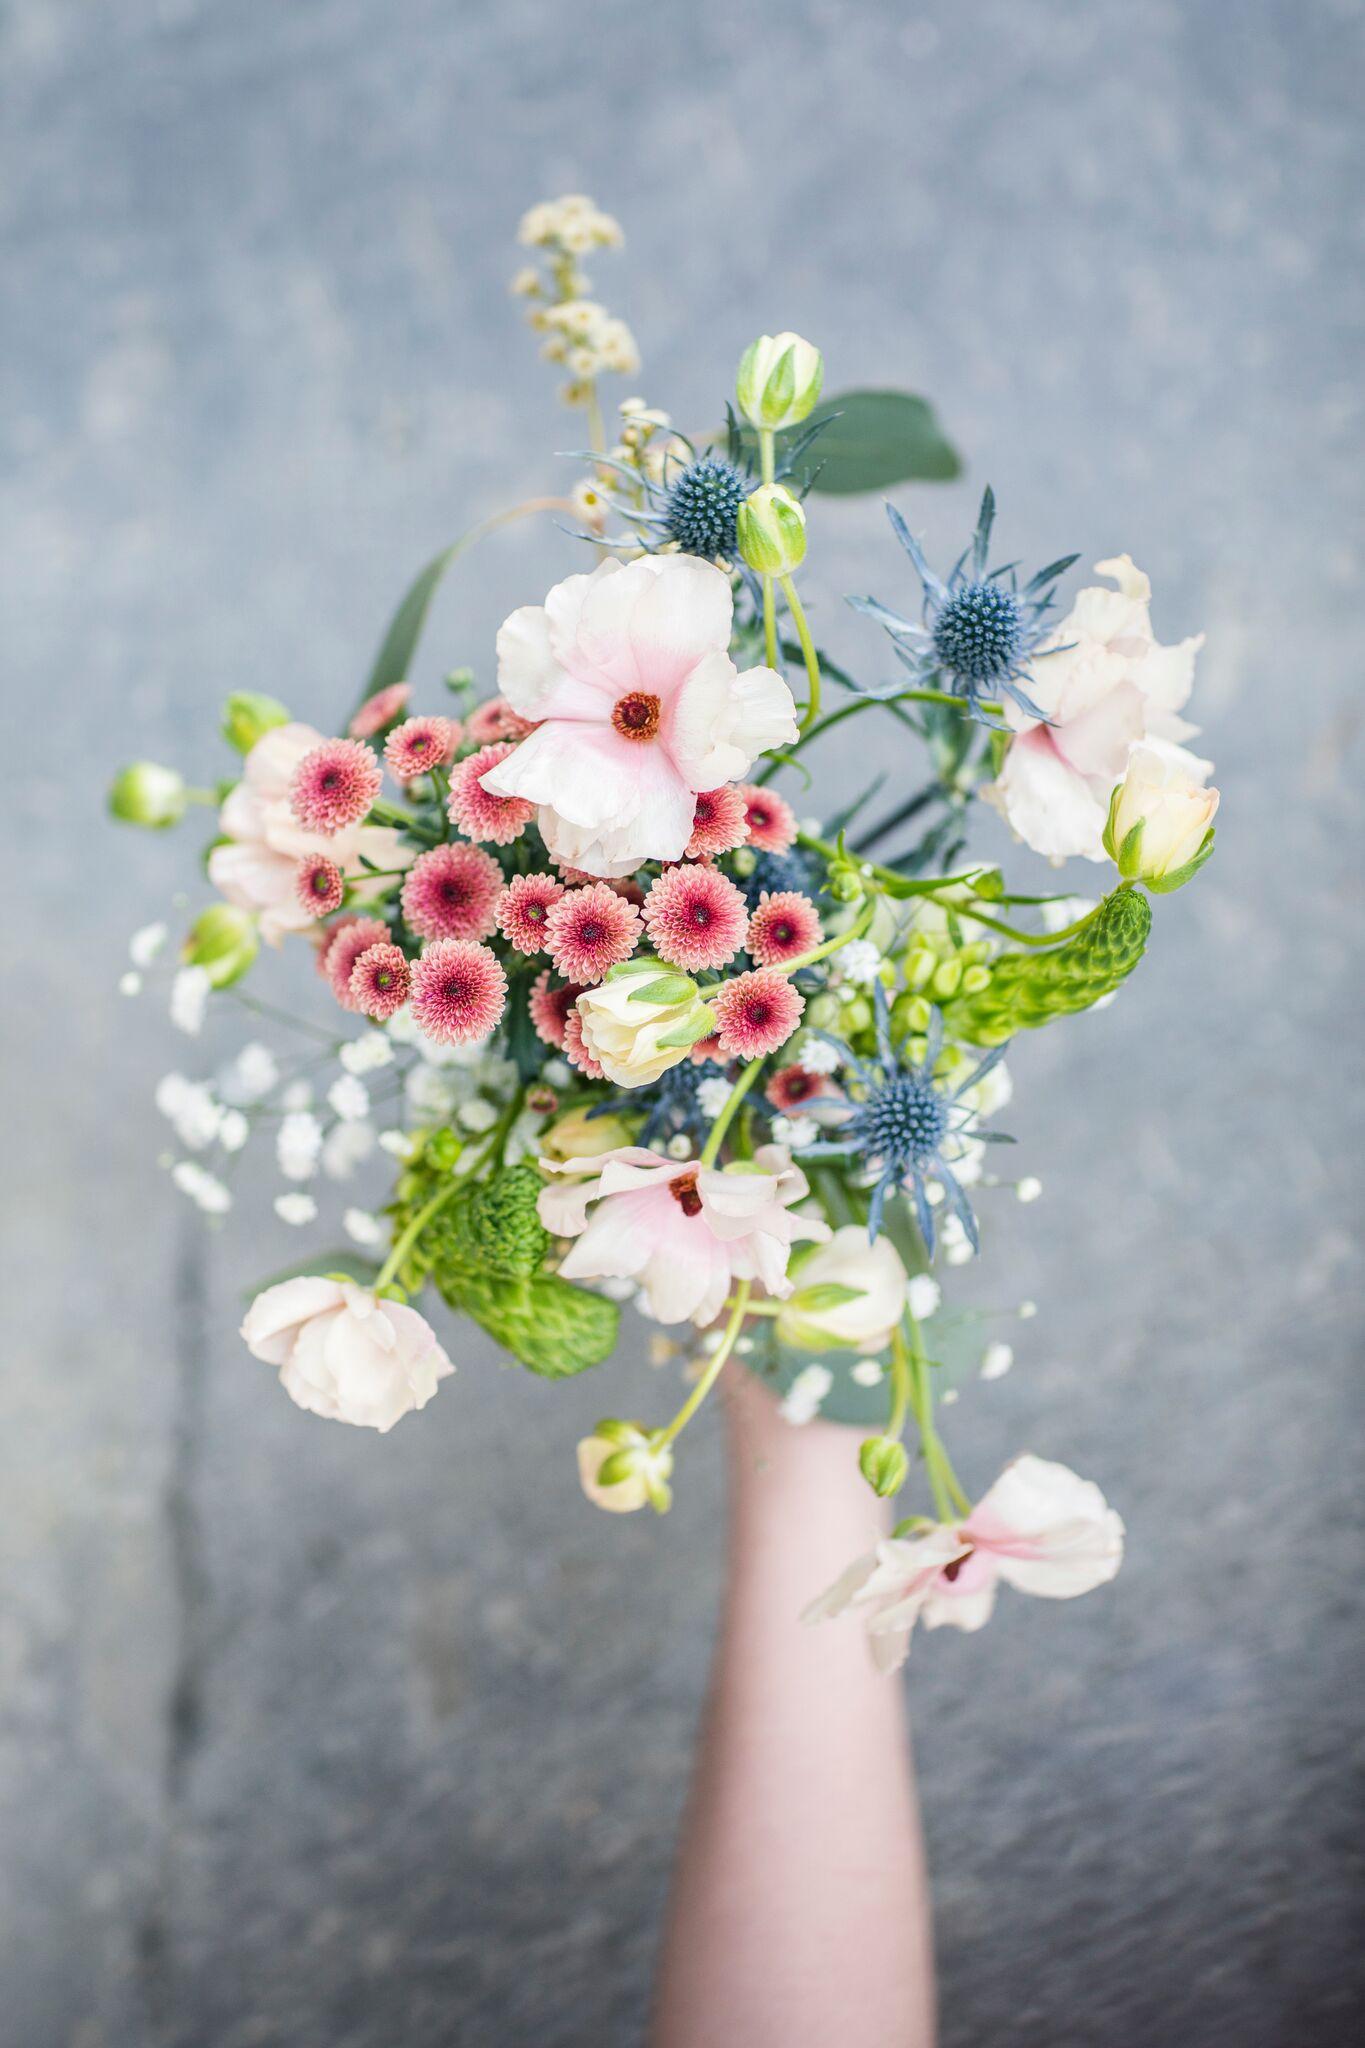 Blomster altså. Noe så fint og givende å jobbe med!